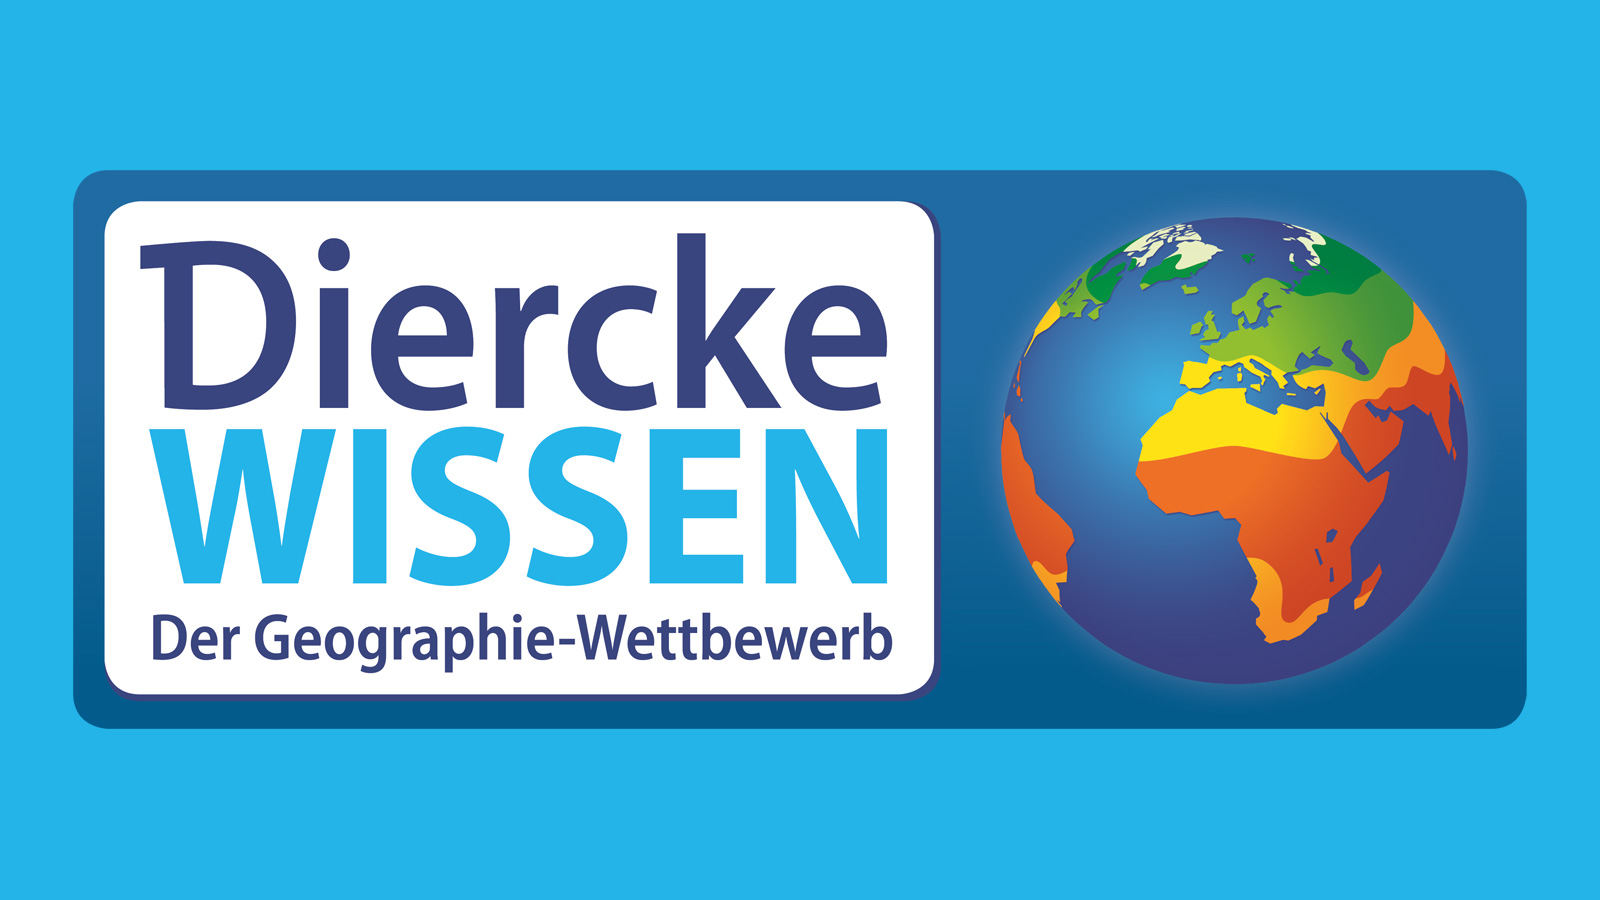 Diercke WISSEN 2019